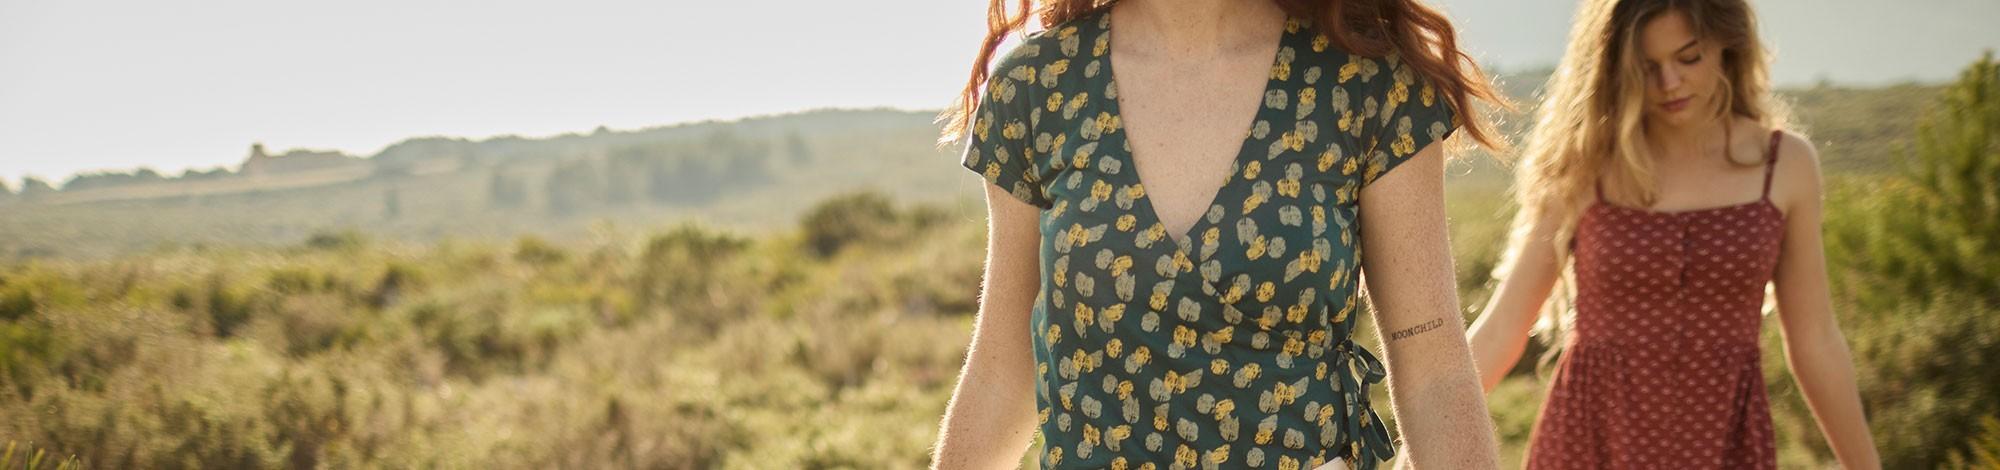 Nuevas colecciones de ropa ecológicas para mujer de algodón orgánico